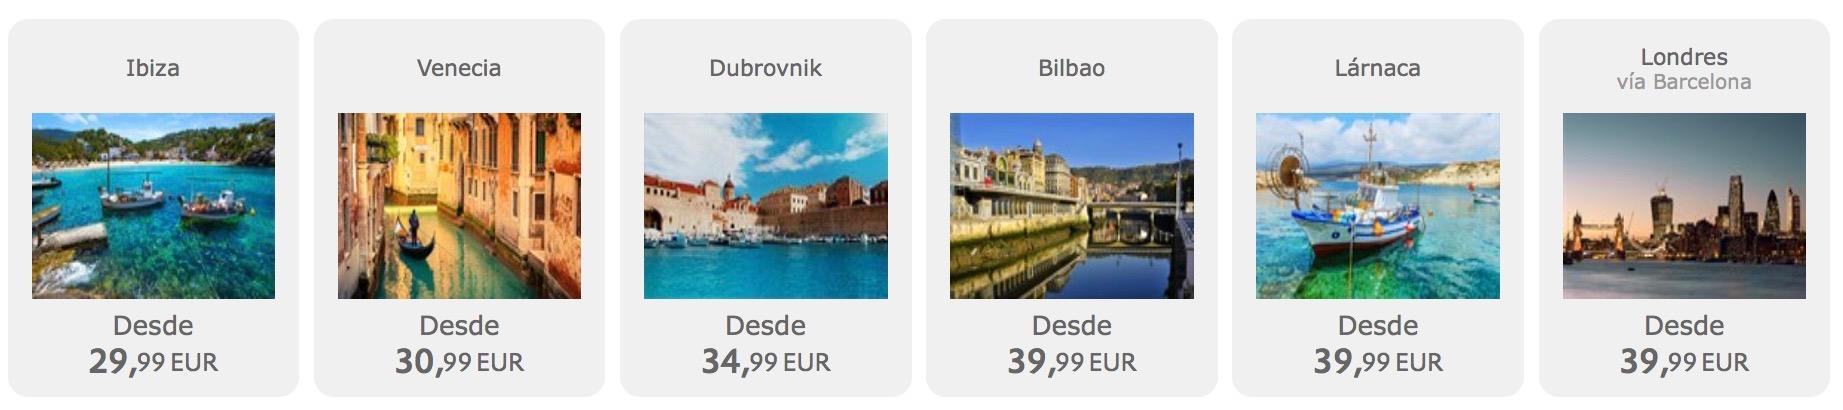 Výpredaj Vueling: 1.000.000 leteniek už od 17,99€ jednosmerne